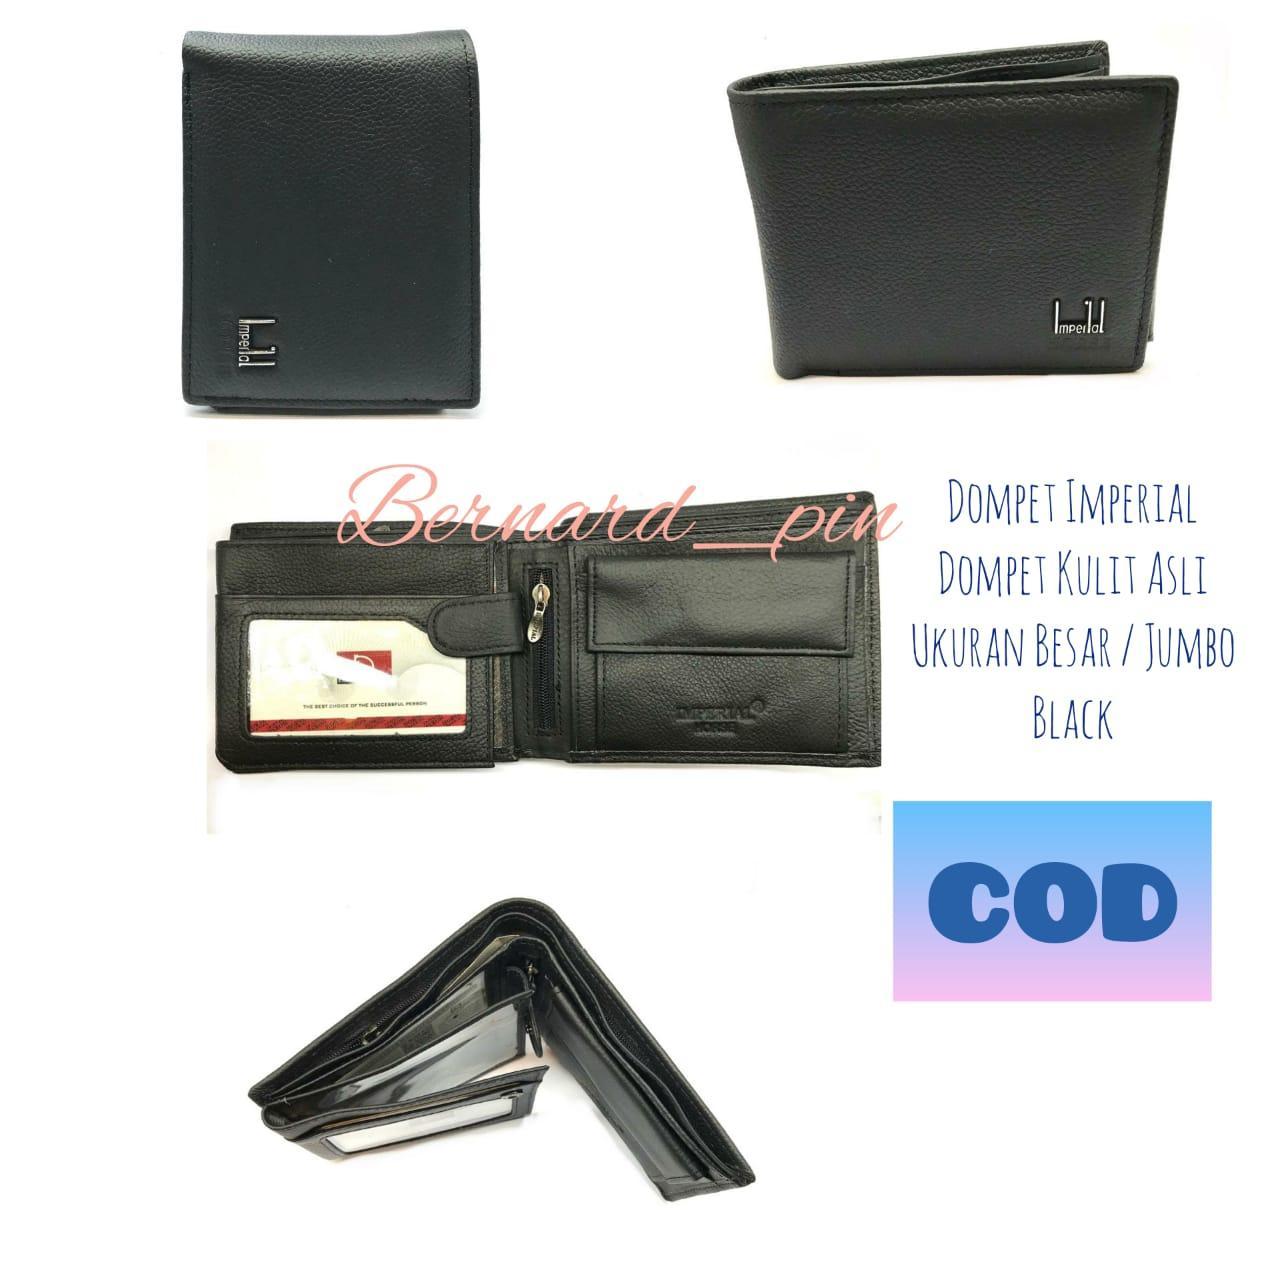 dompet pria kulit asli dompet laki2 kulit asli dompet imperial horse ukuran besar jumbo_ color black